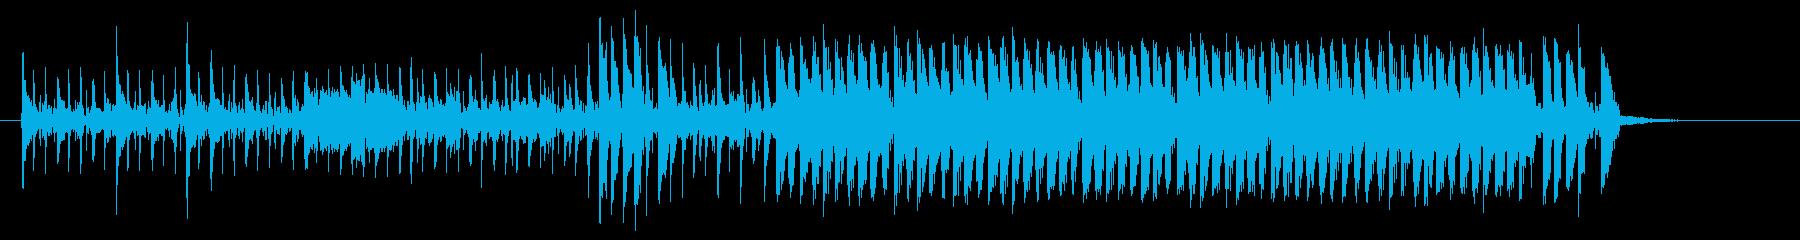 近未来的で不思議なシンセビートジングルの再生済みの波形